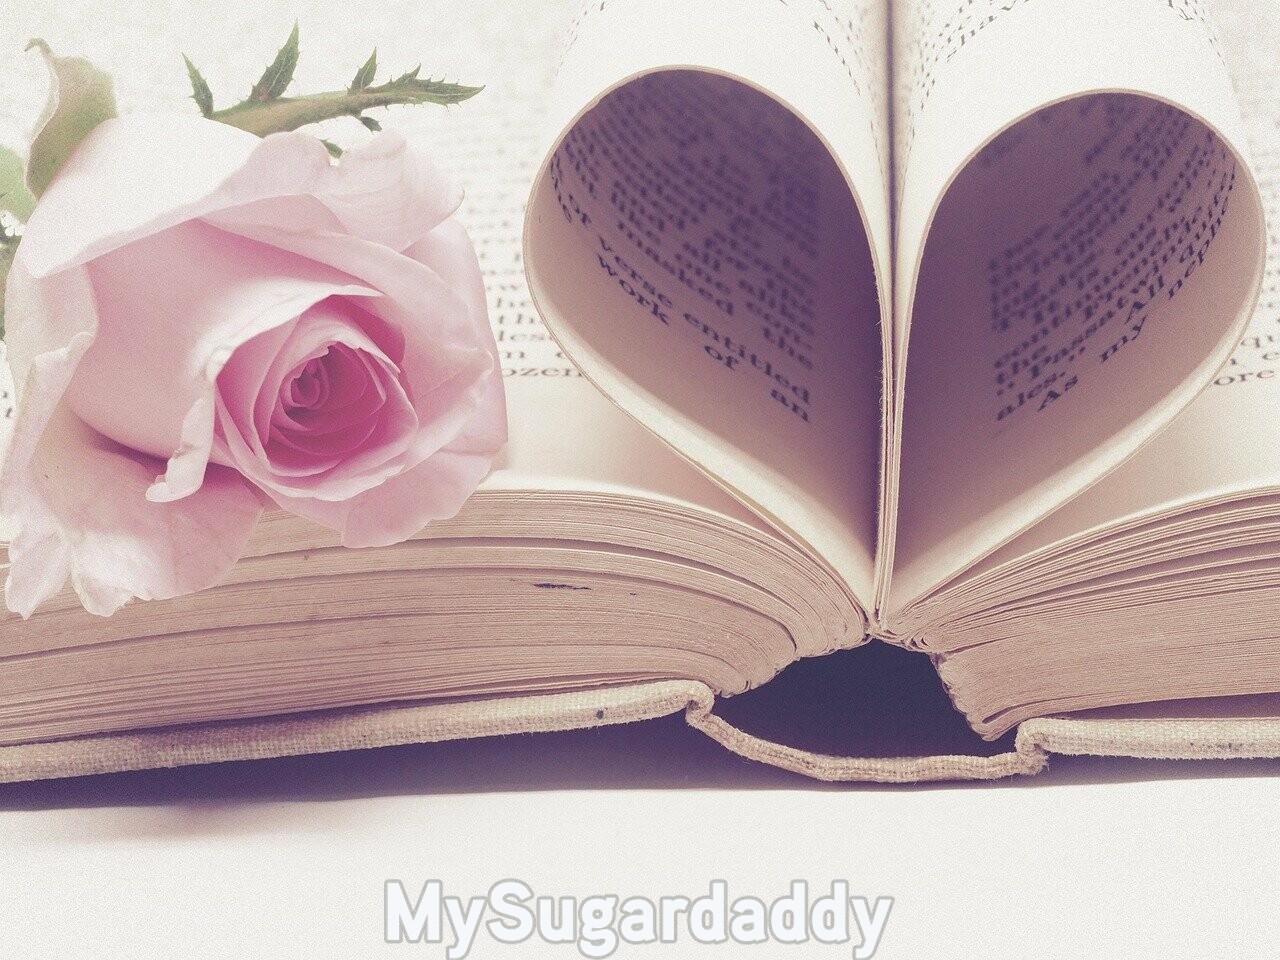 apprendre à draguer livre rose amour cœur conseils drague